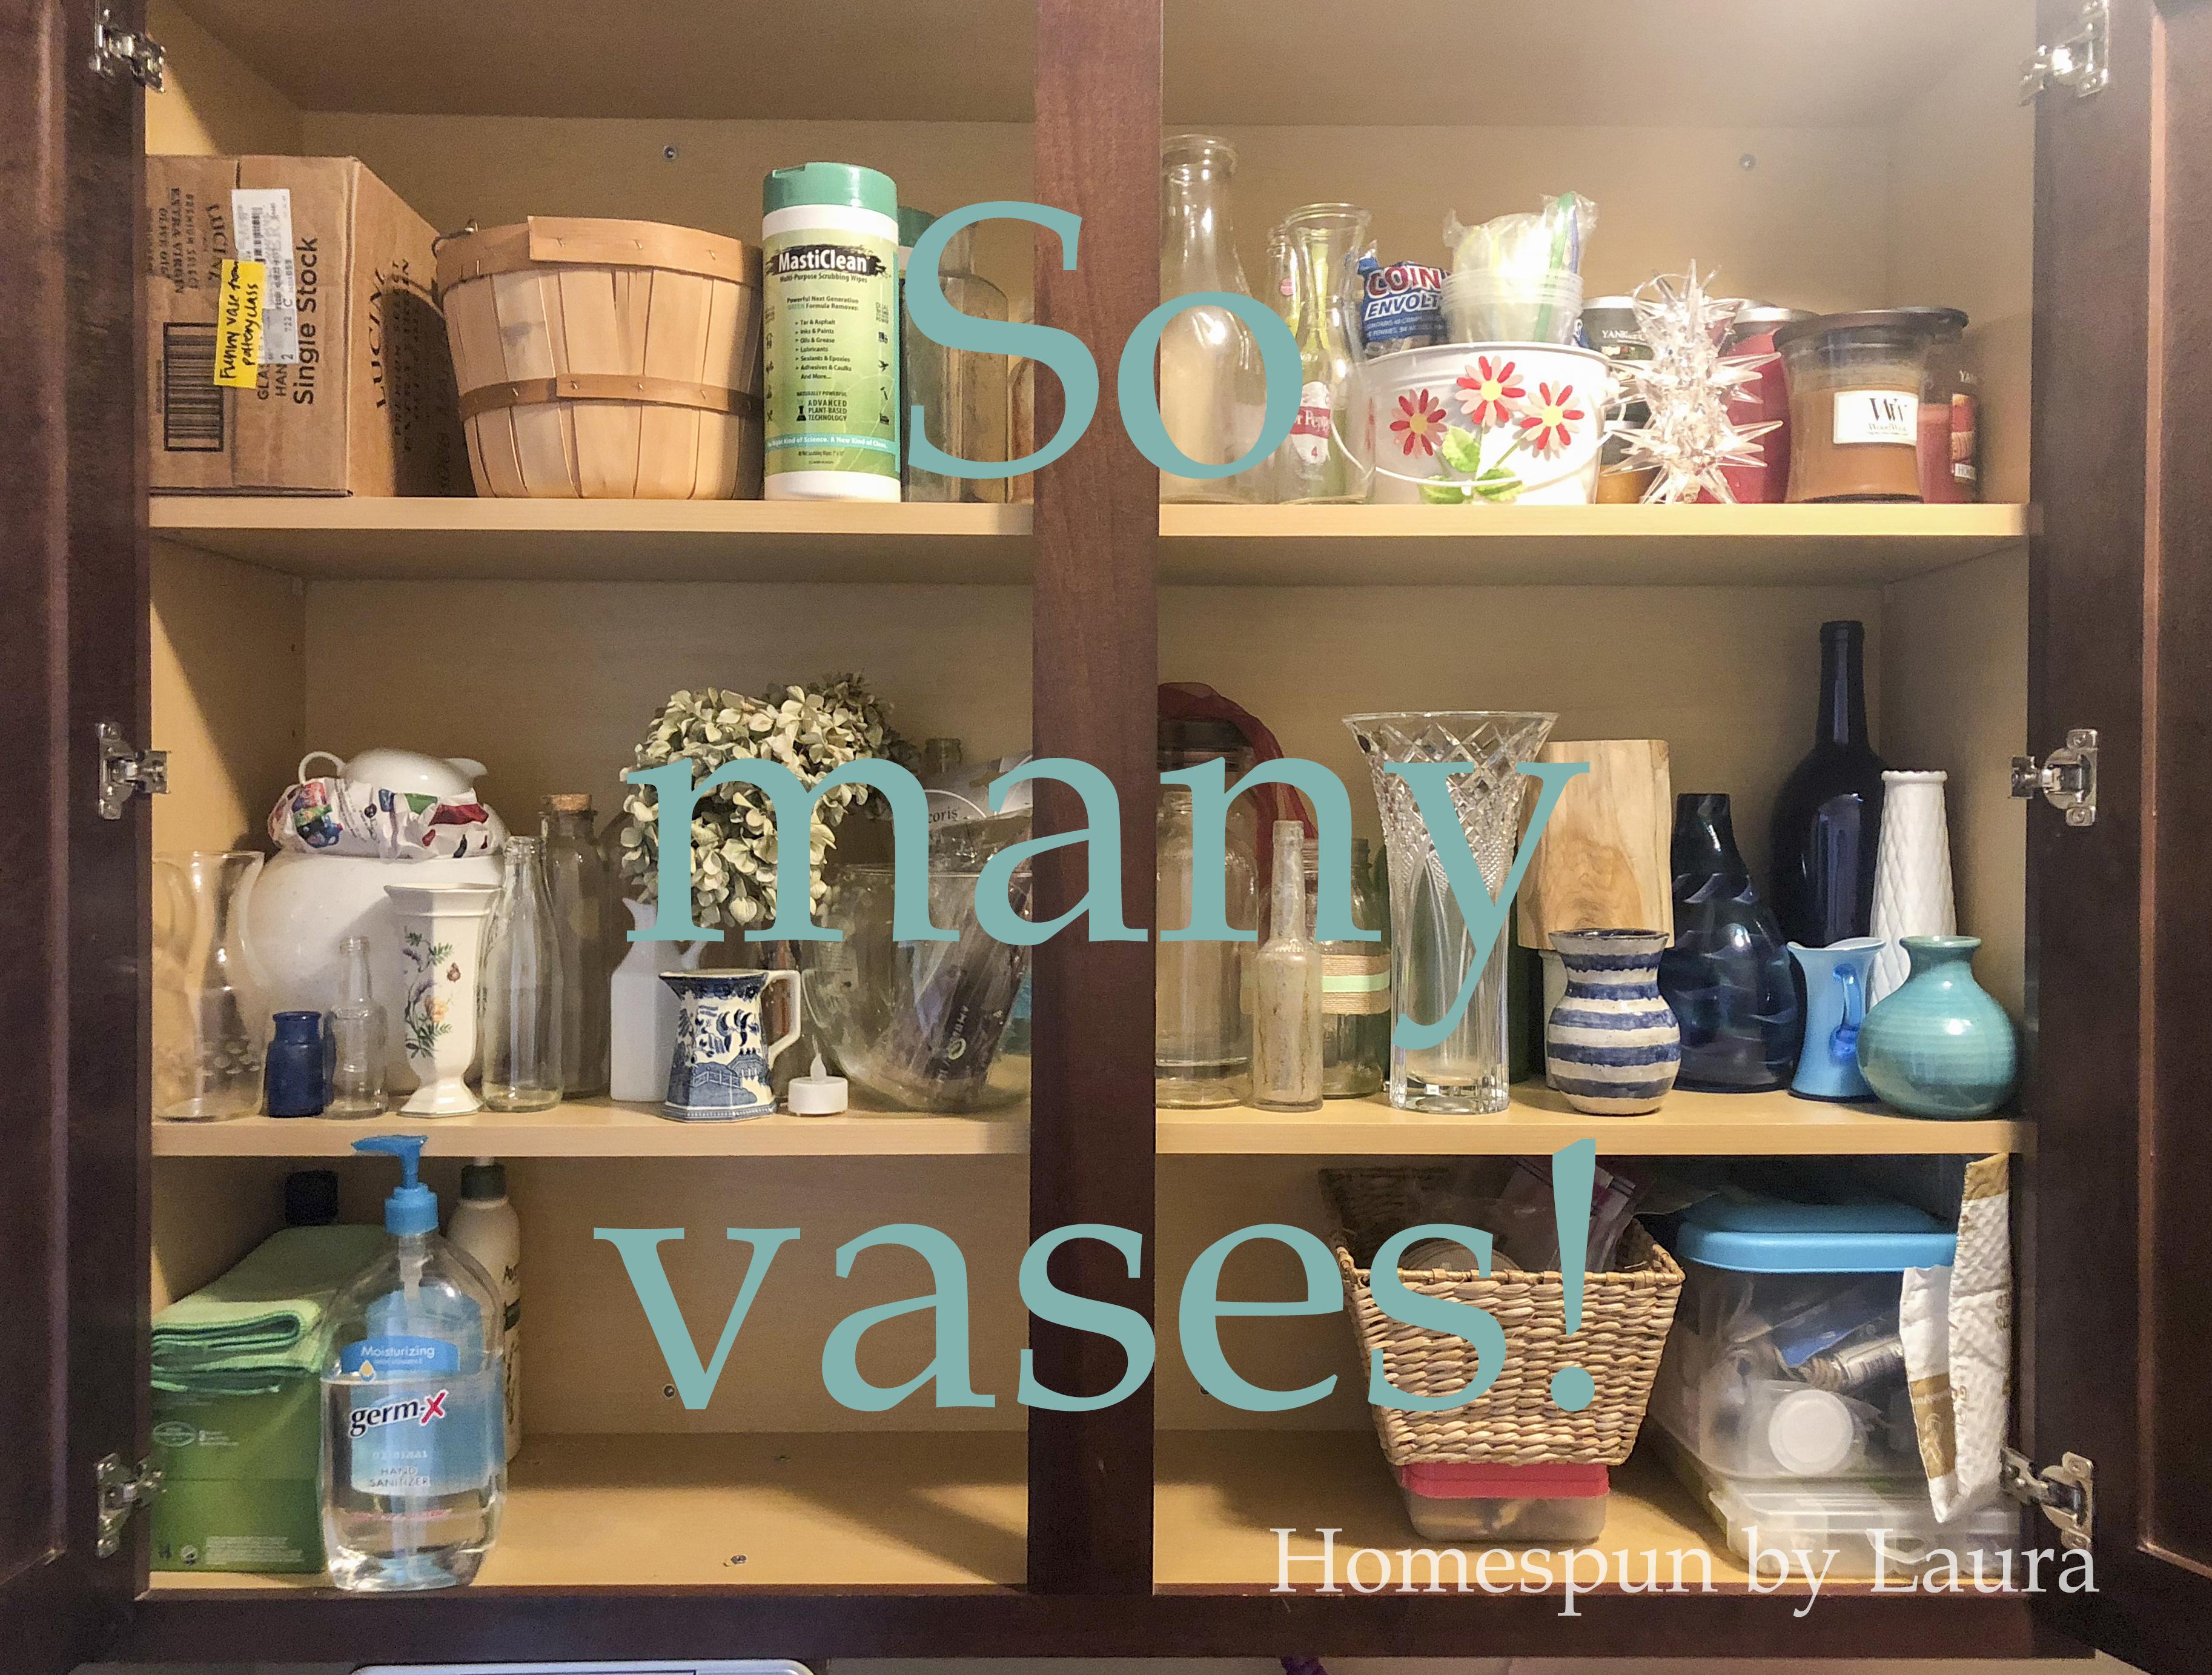 cabinet full of vases